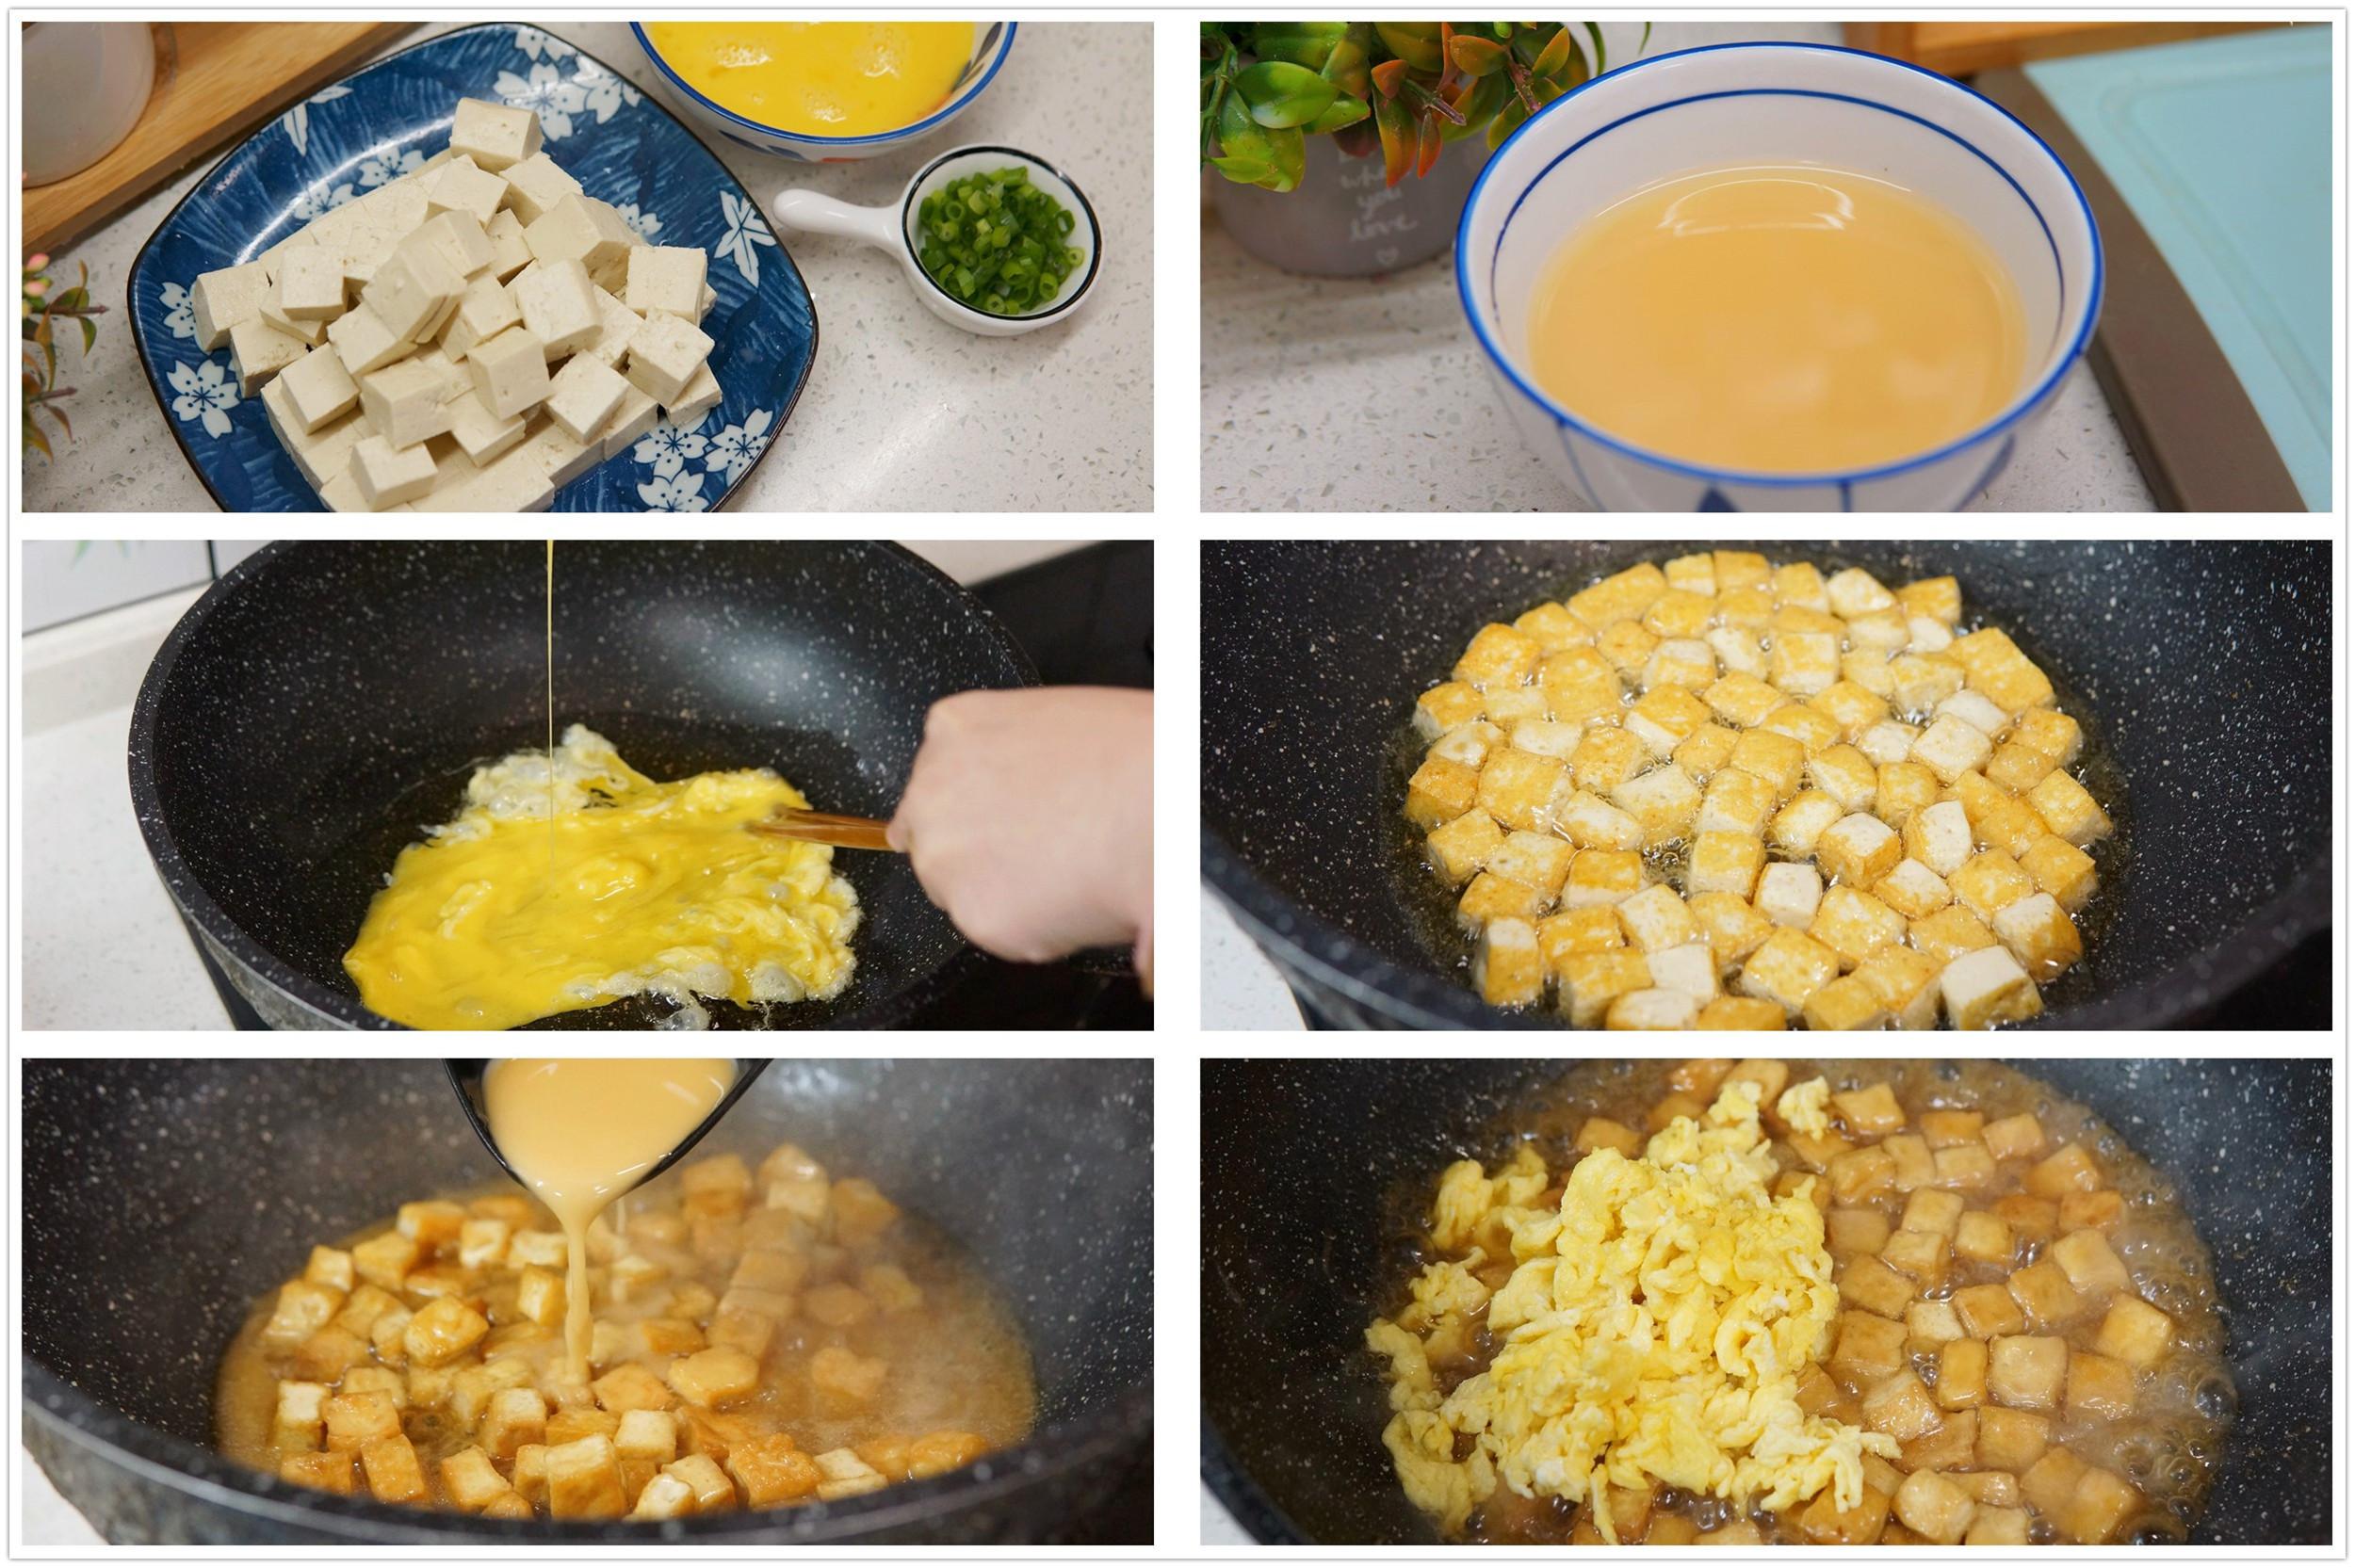 年底聚餐用的上,豆腐6种吃不烦的做法,有滋有味,不比吃肉差 美食做法 第7张